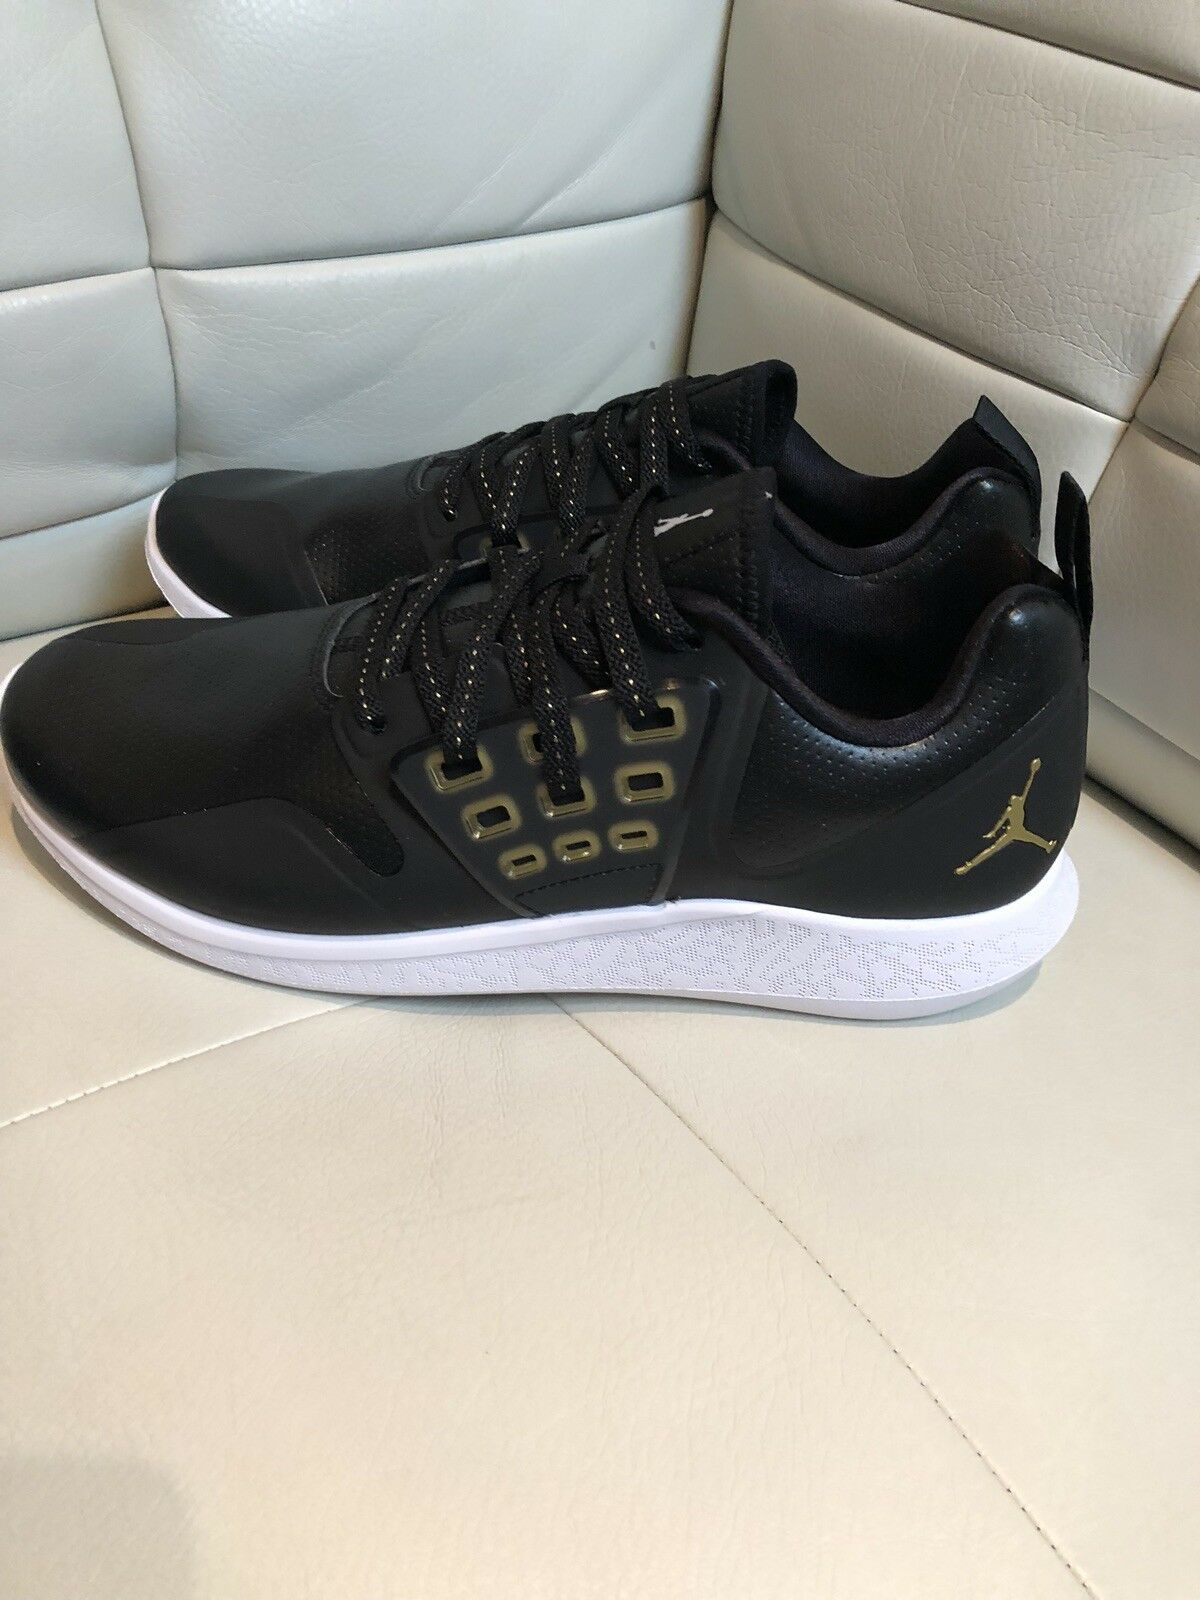 Jordan Grind Black Size 10.5